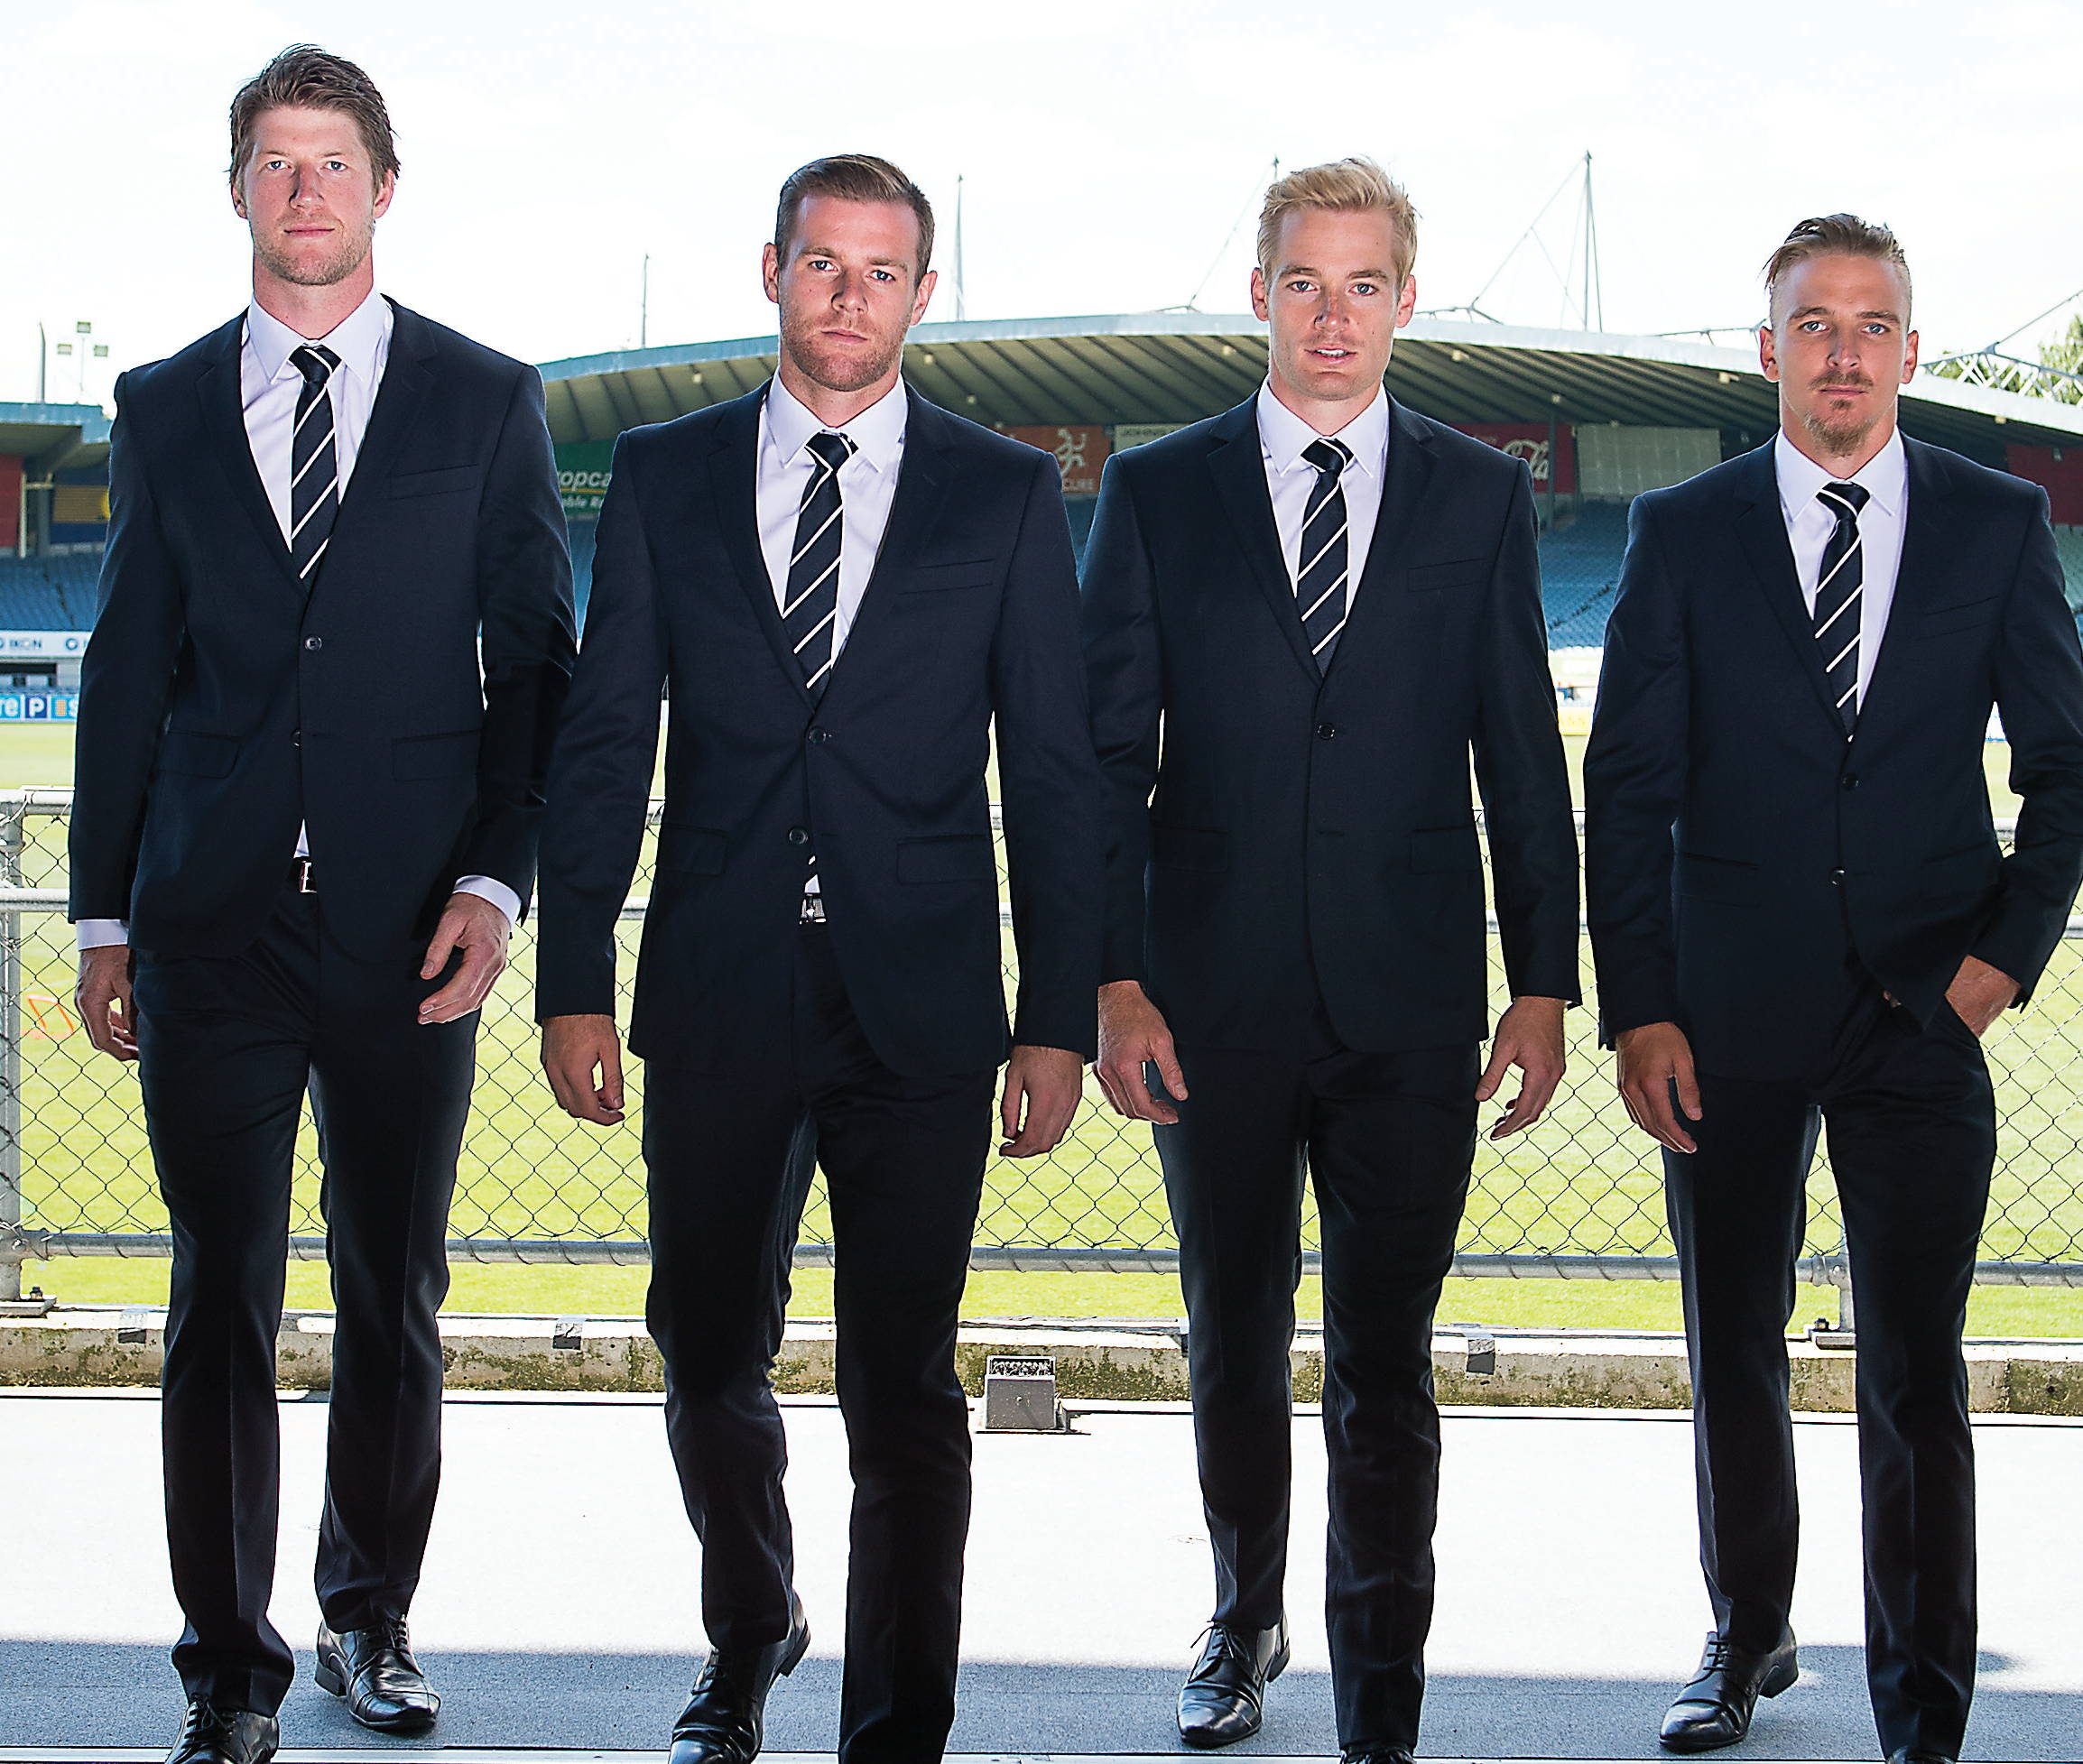 The Carlton Football Club